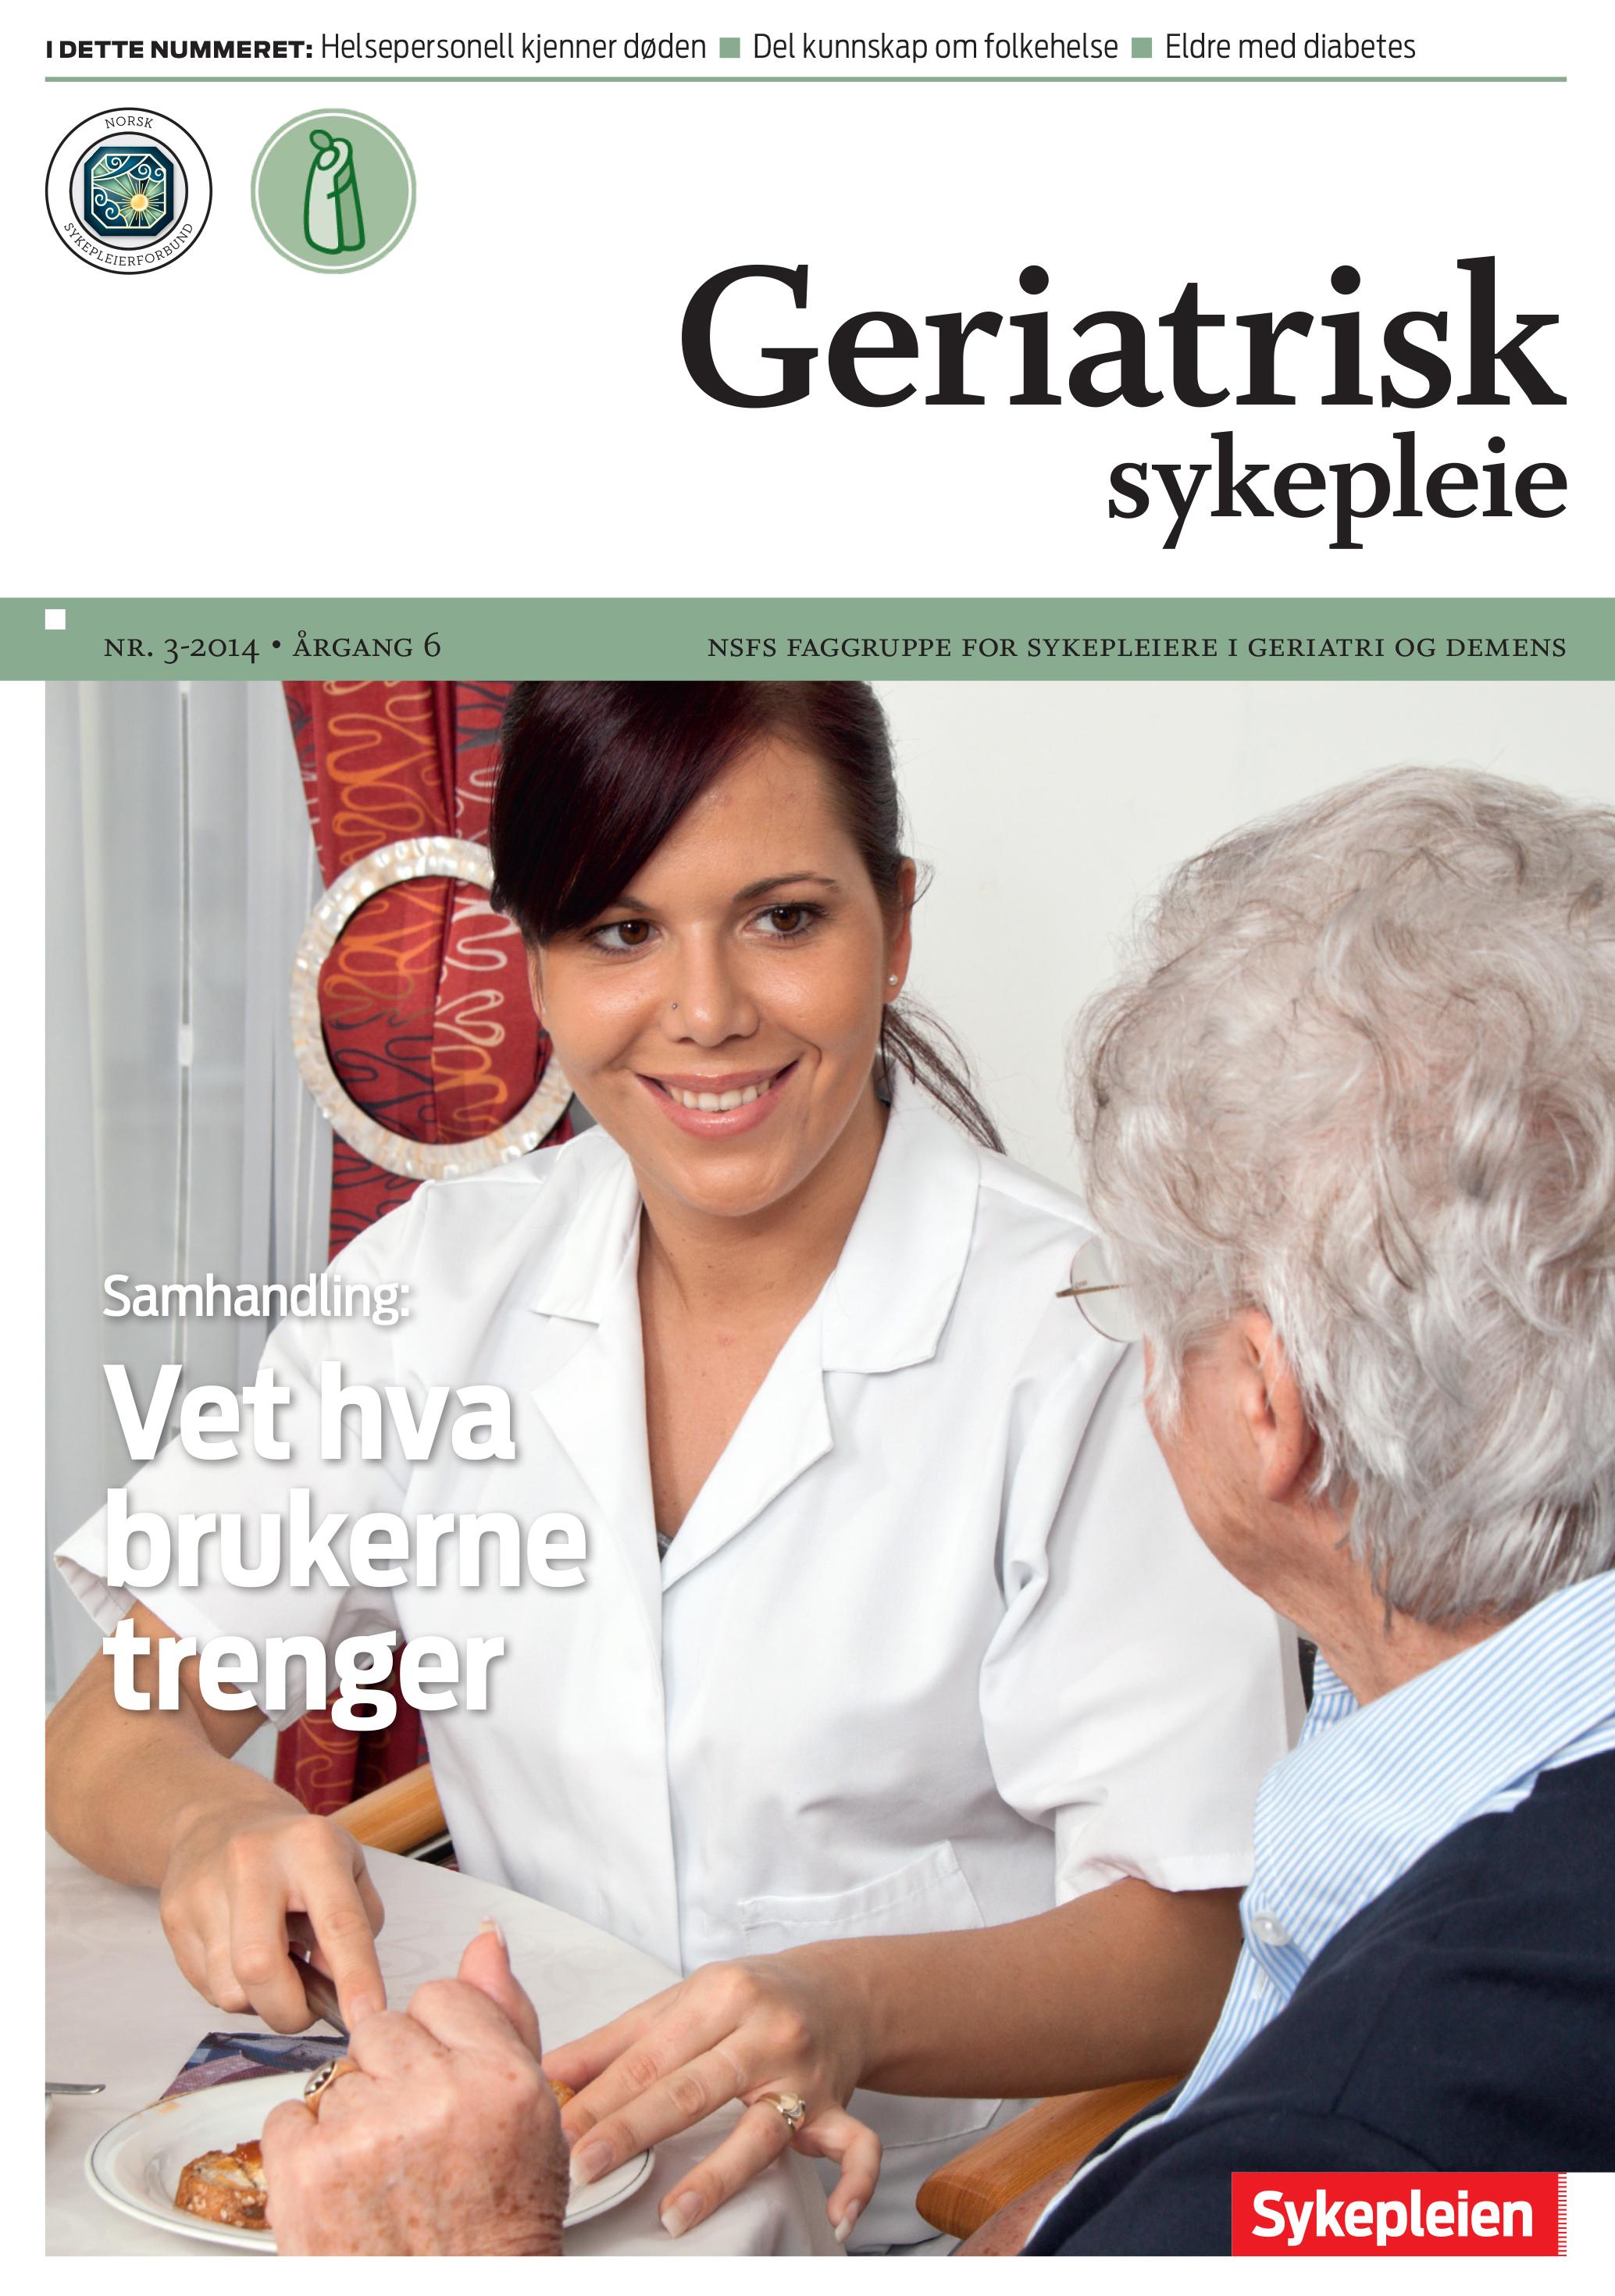 Hva er geriatrisk sykepleie